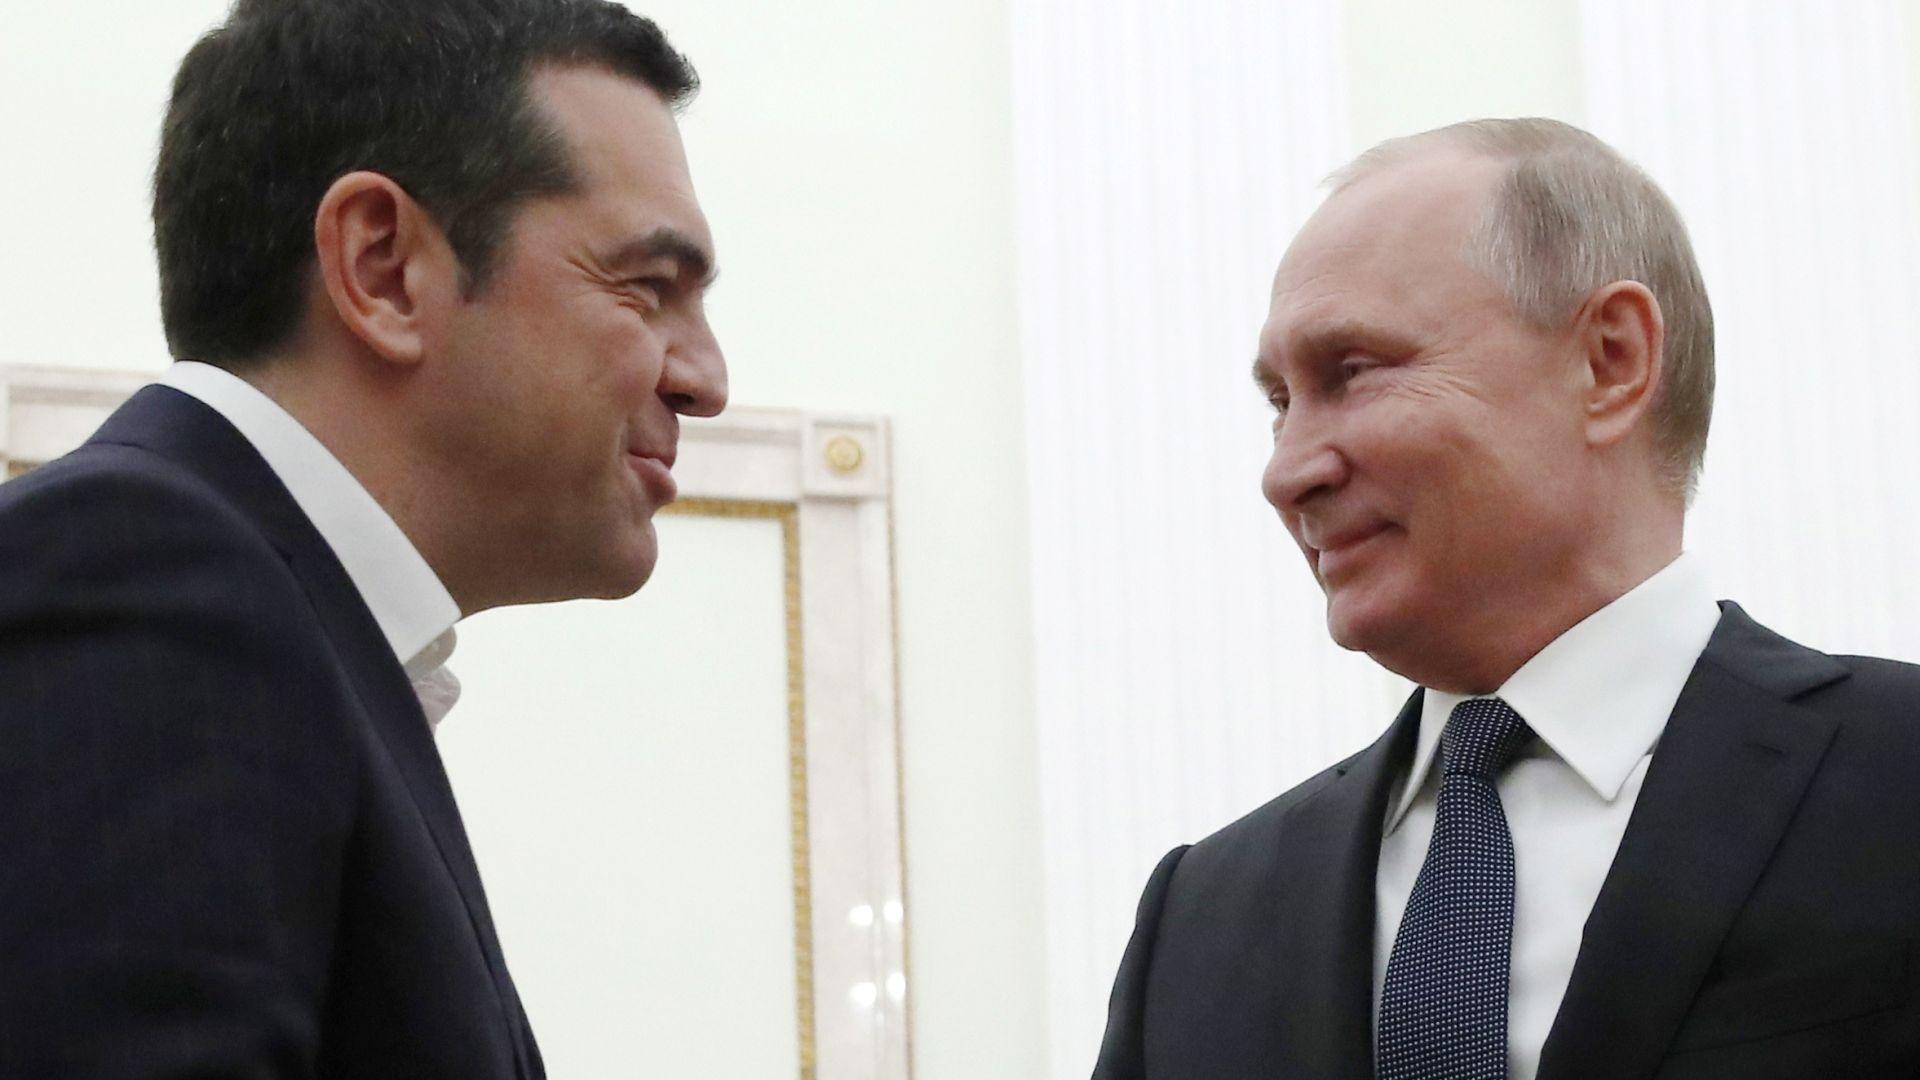 Ципрас: Ще сложа пак вратовръзка, ако Путин ми подари. Той: Разбрахме се!